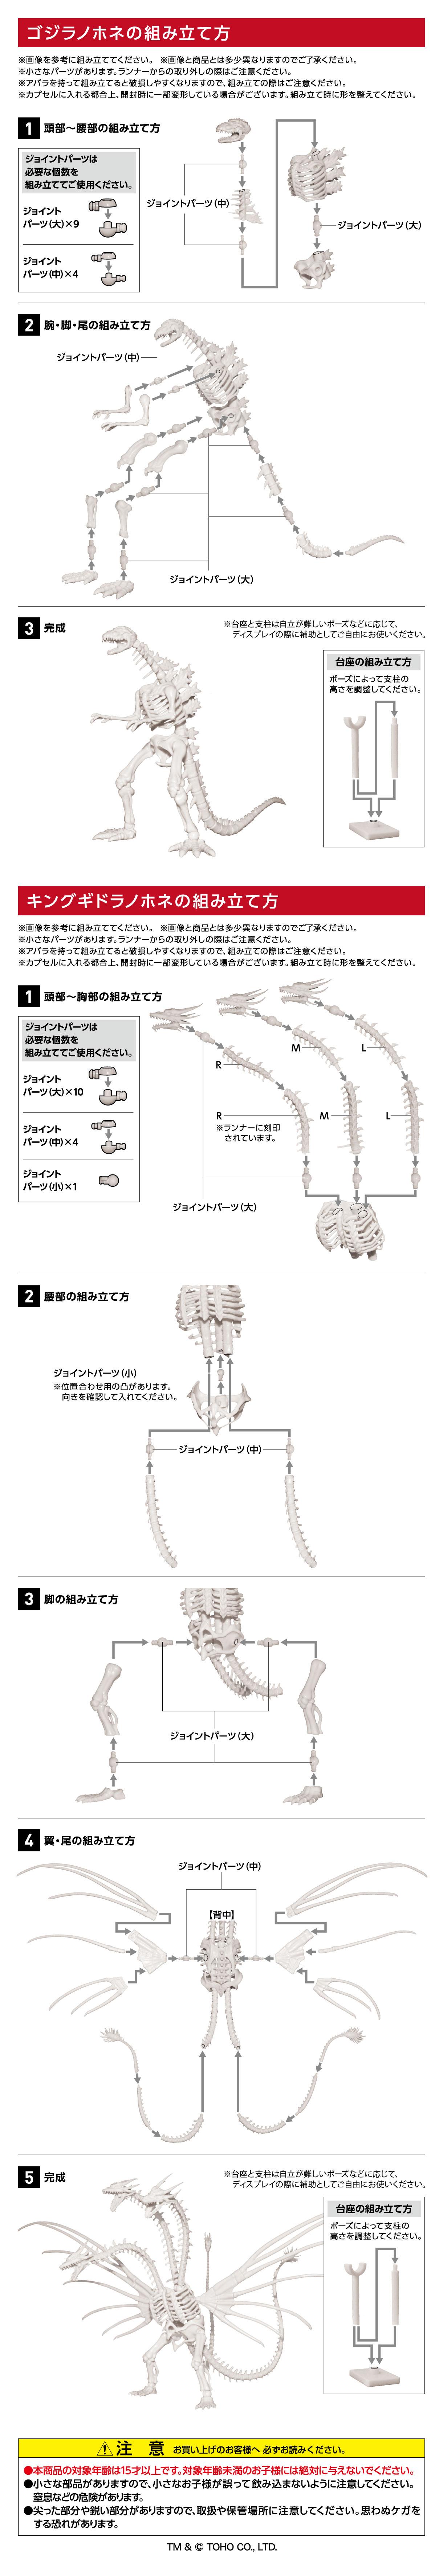 「西川伸司プロデュース 究極可動 ゴジラノホネ」の組み立て方